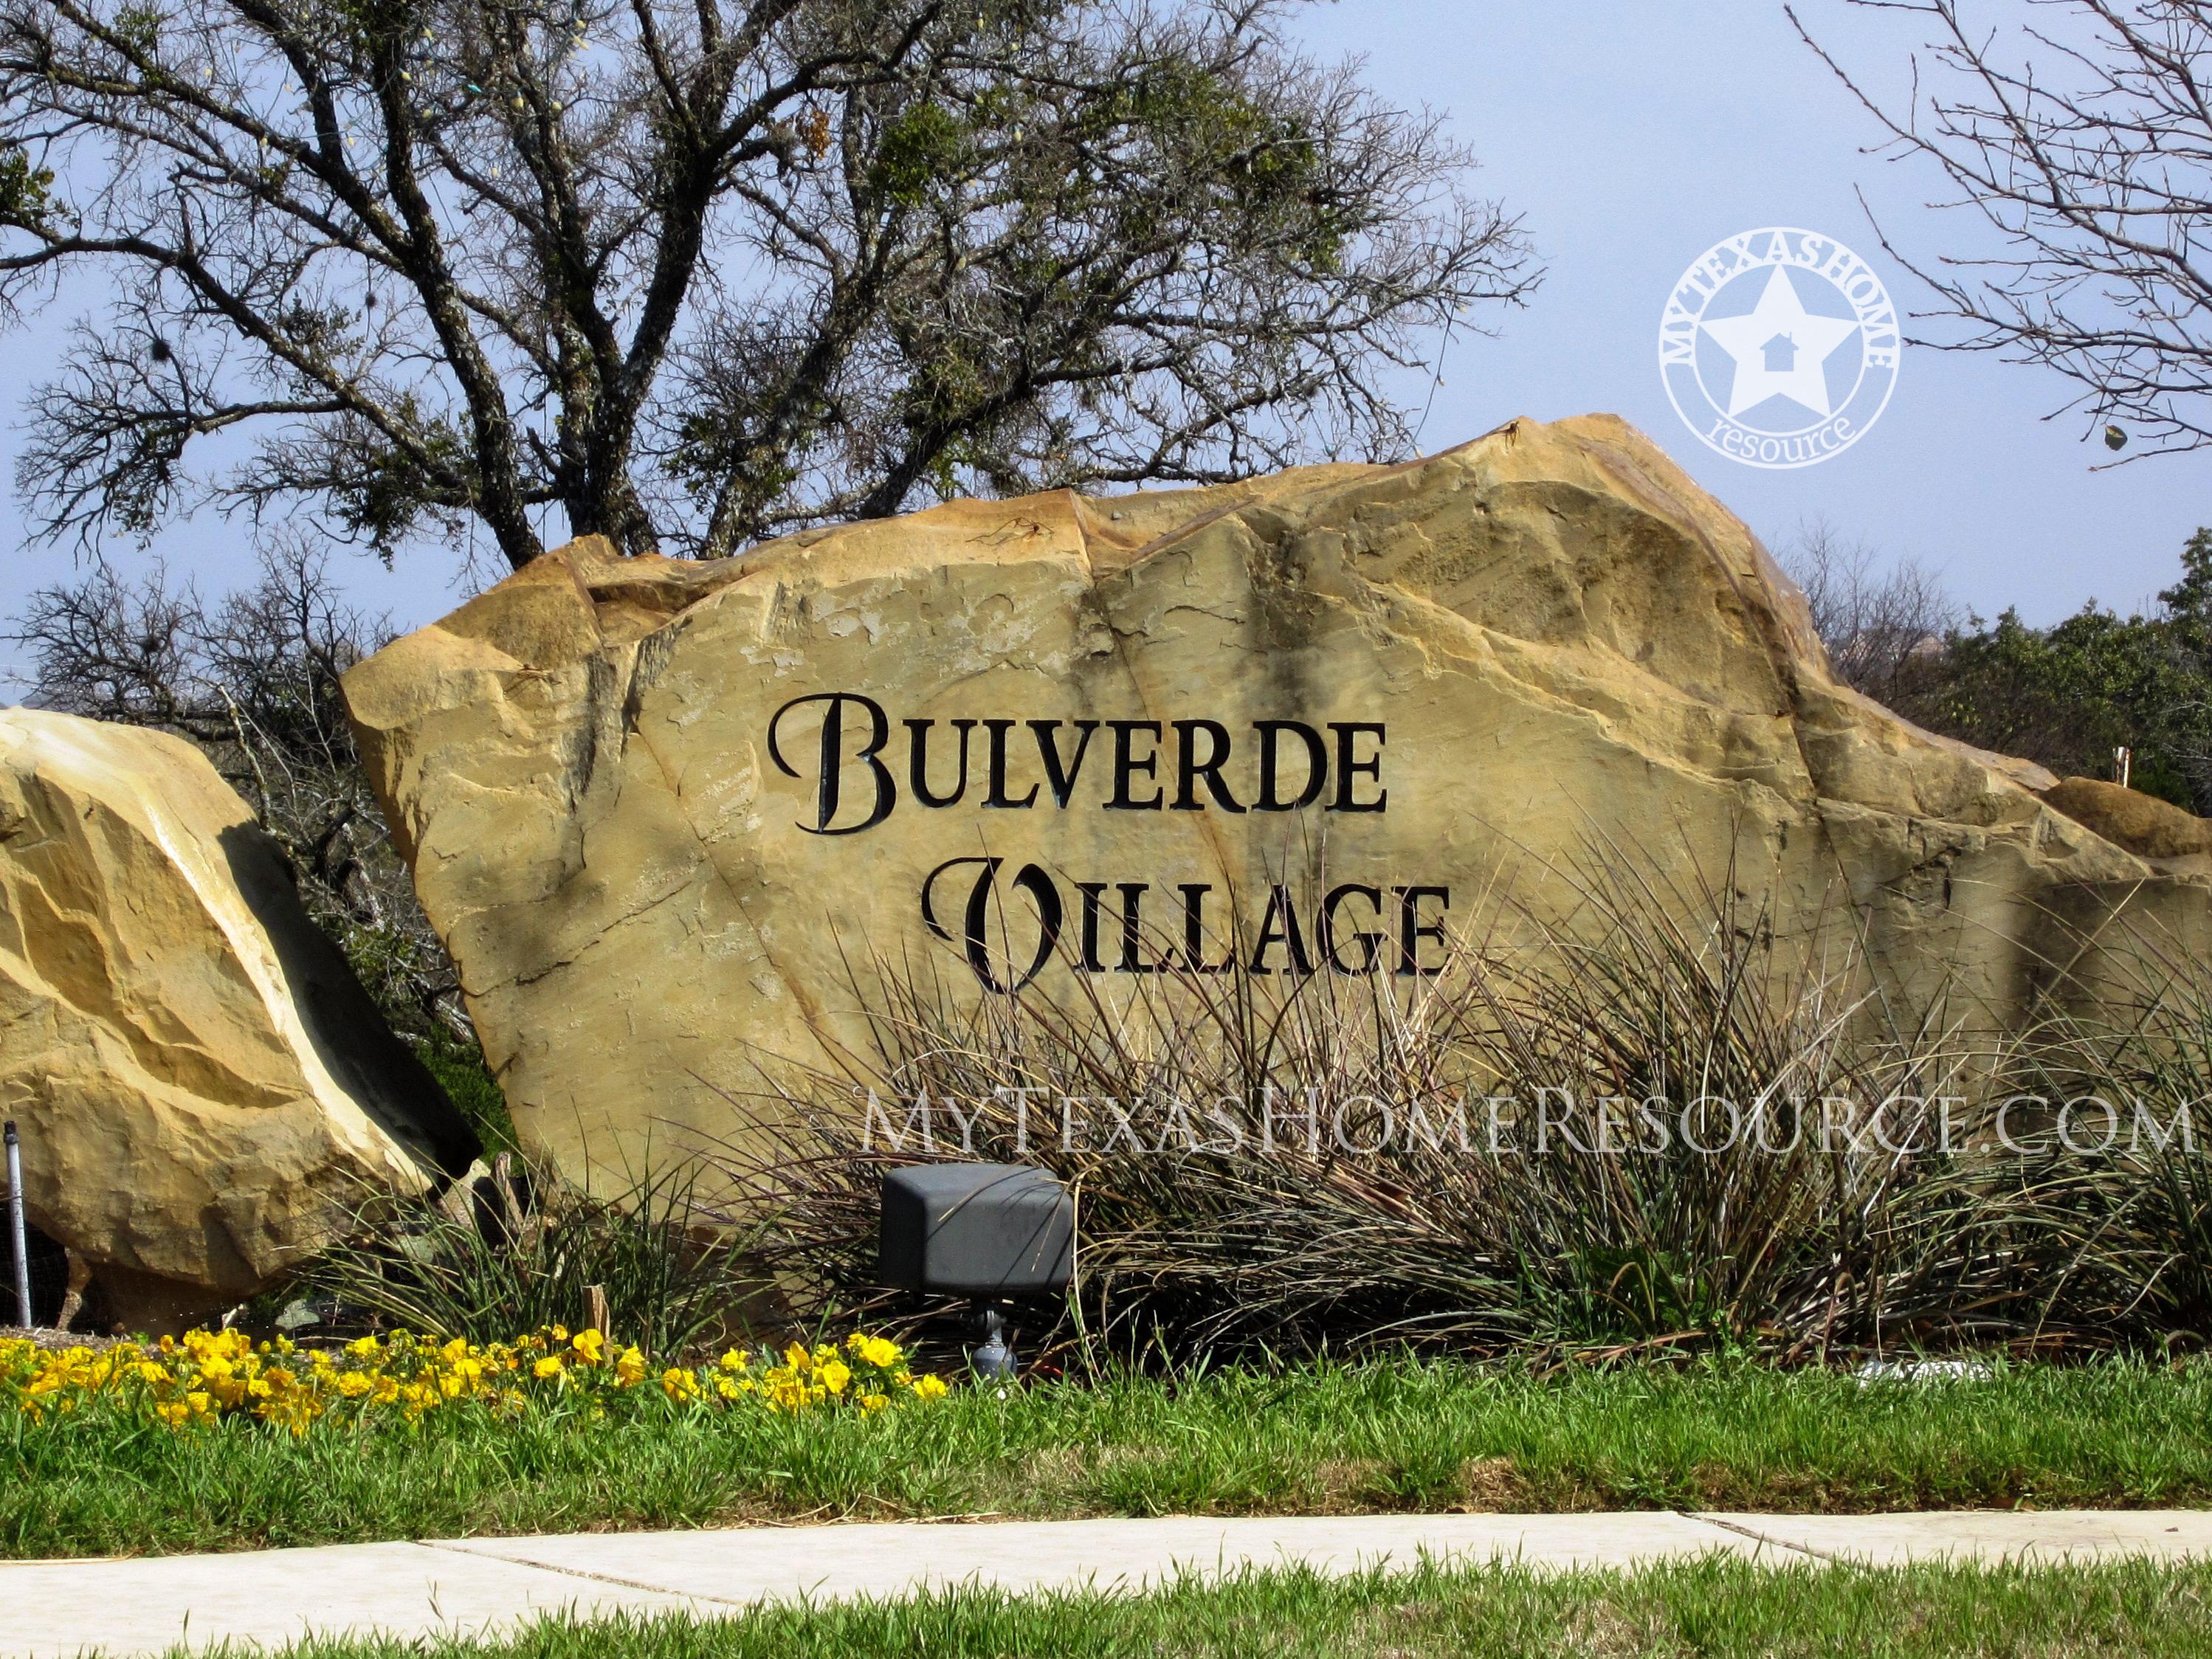 Bulverde Village